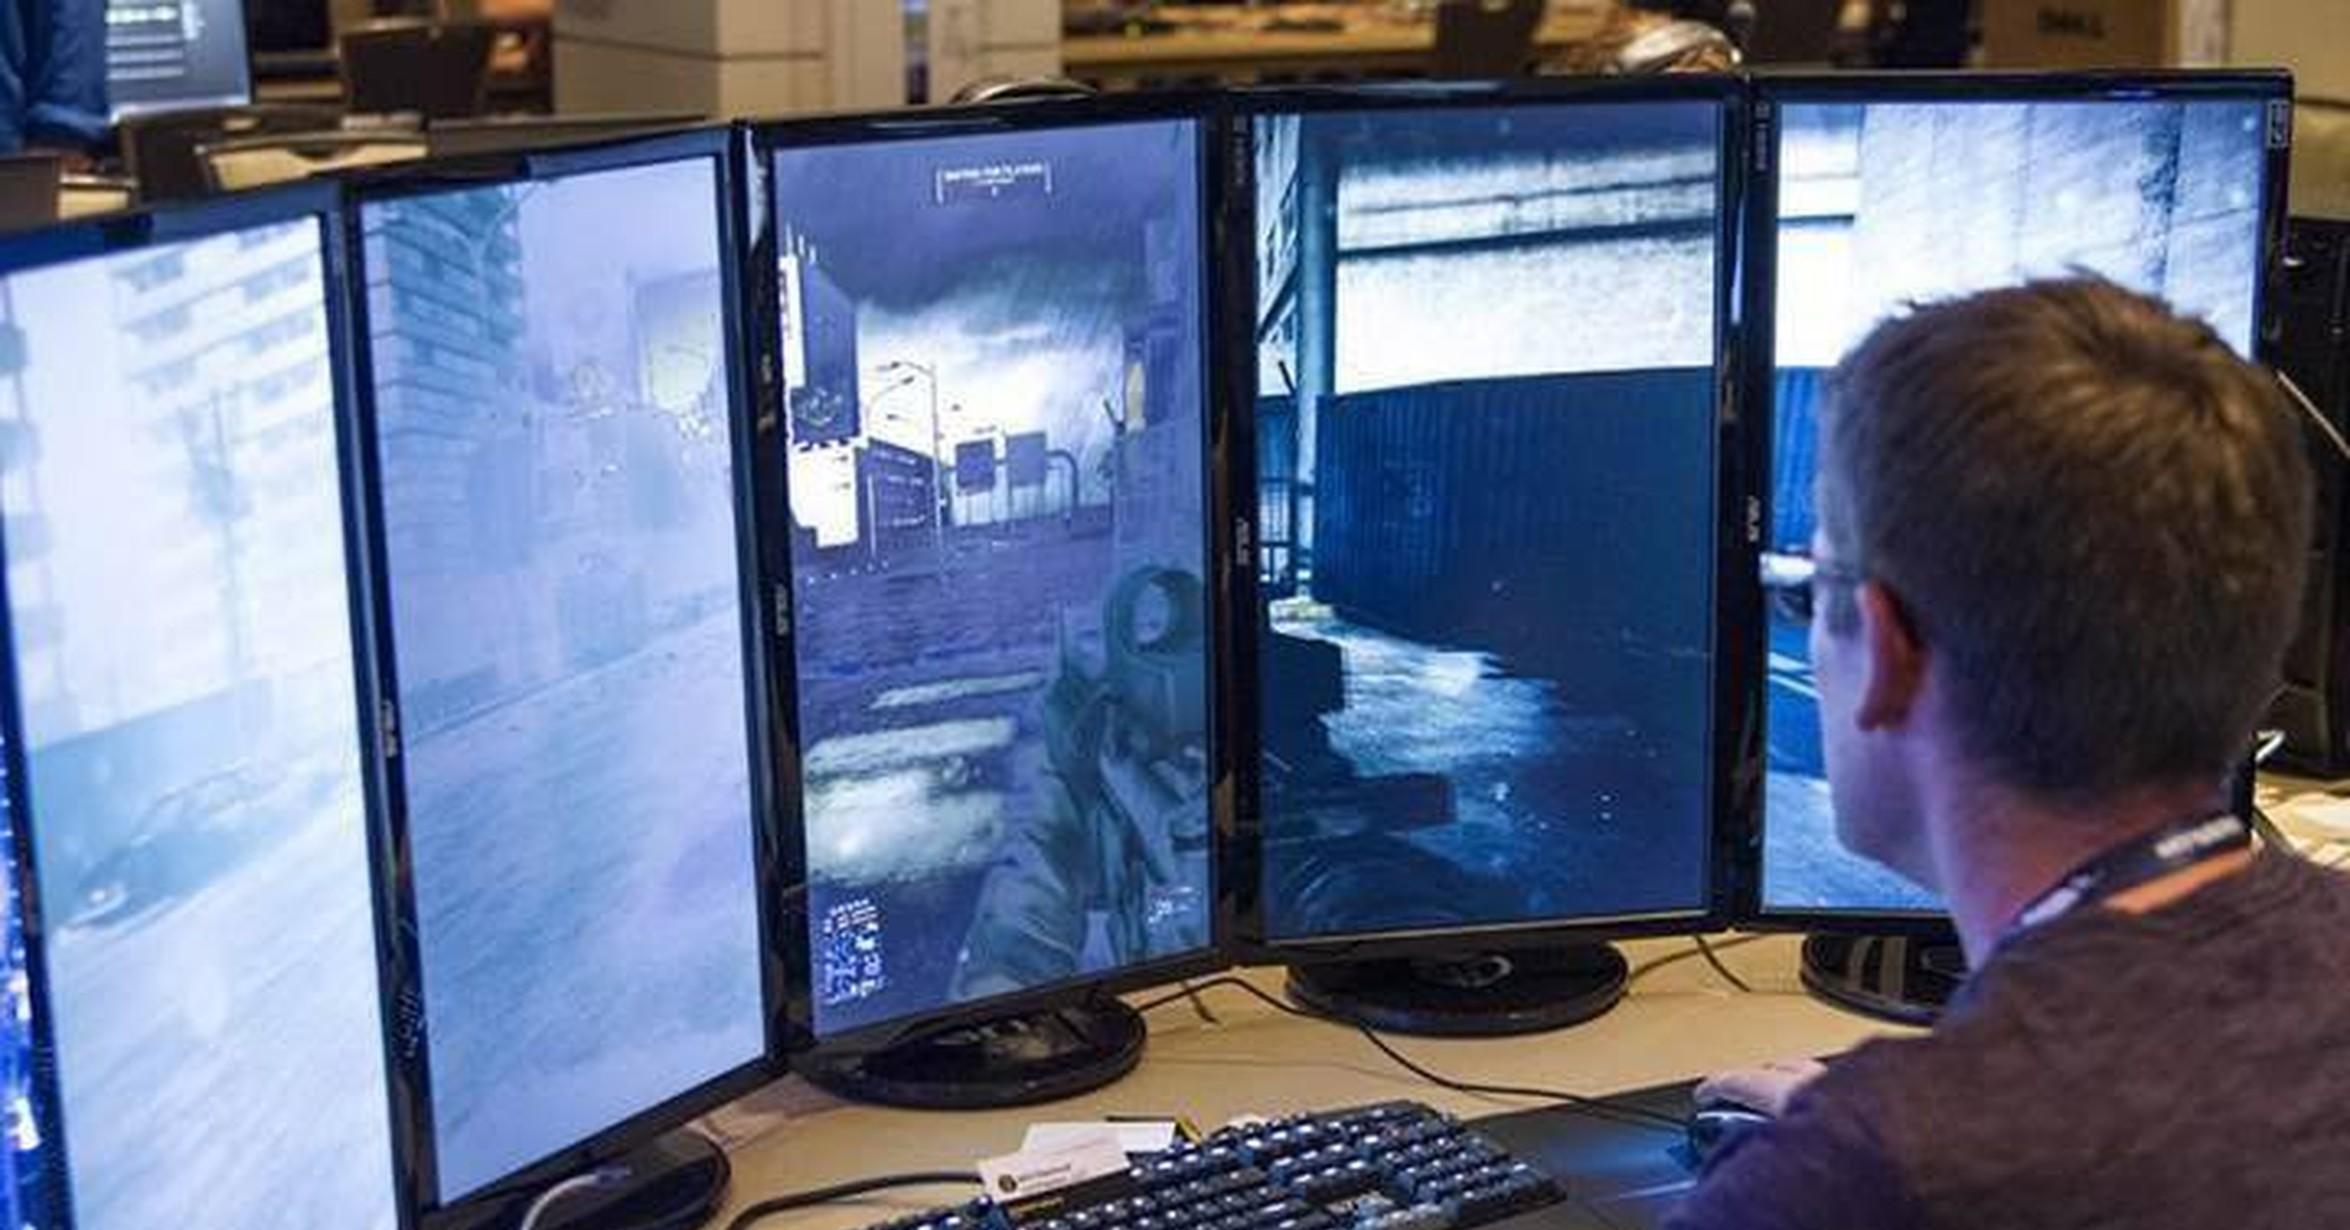 VRUTAL / Así se siente jugar con varios monitores a la vez